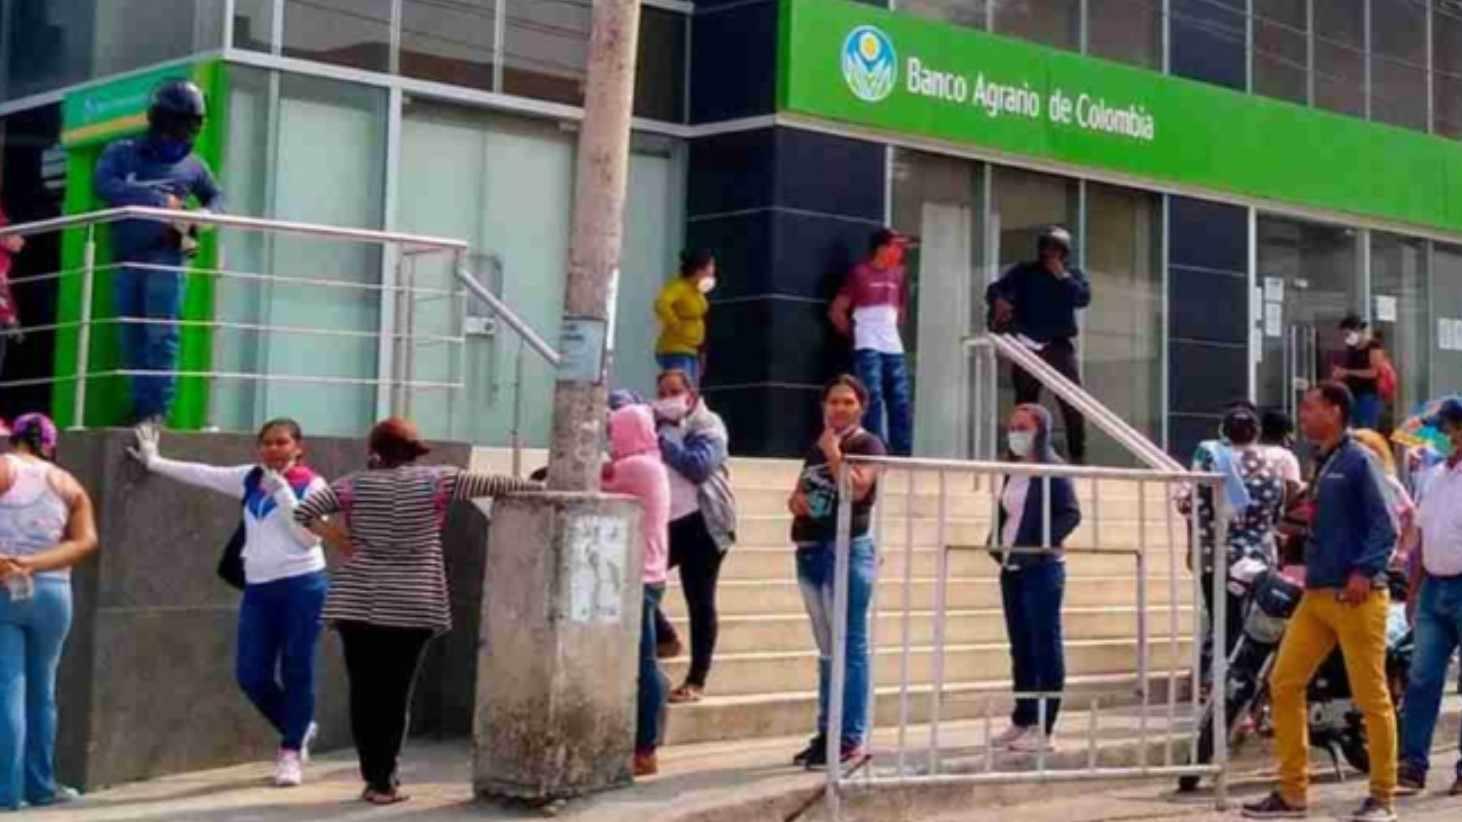 Ingreso Solidario: ¿A quiénes les deja de pagar el Banco Agrario?